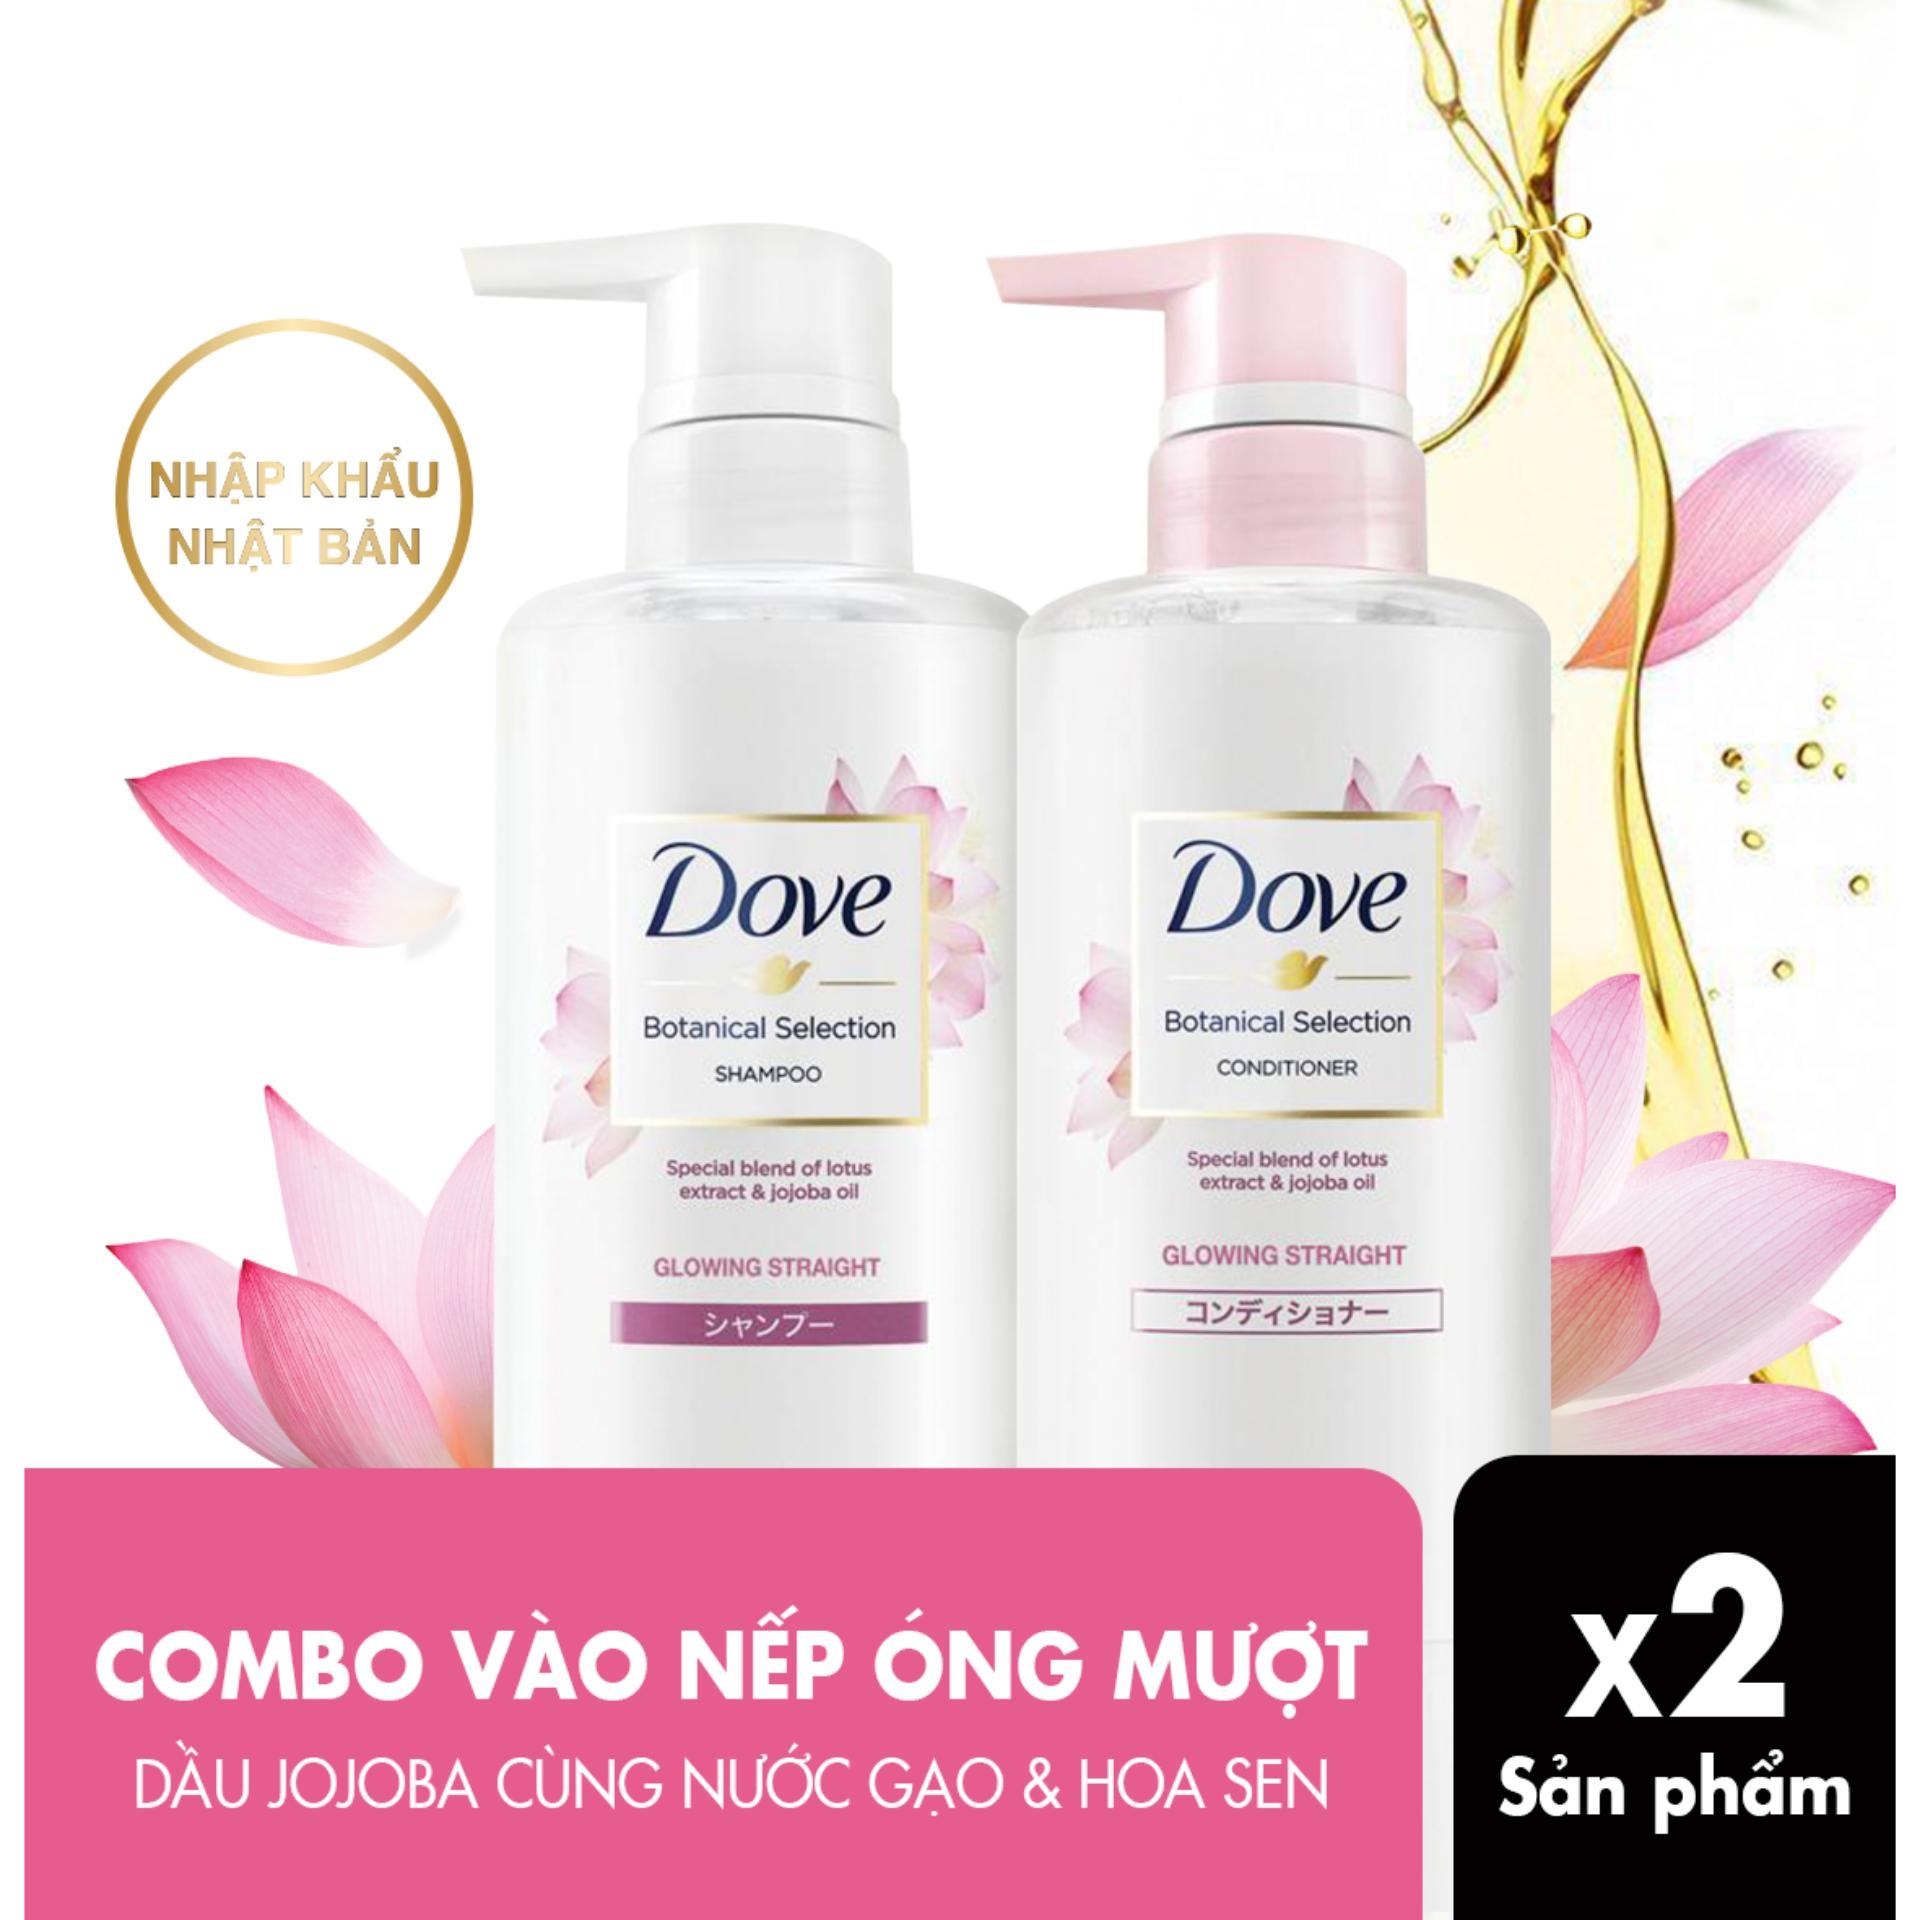 Combo dầu gội và dầu xả Dove giúp tóc bóng mượt hoa sen & dầu Jojoba Botanical Selection 500g tốt nhất